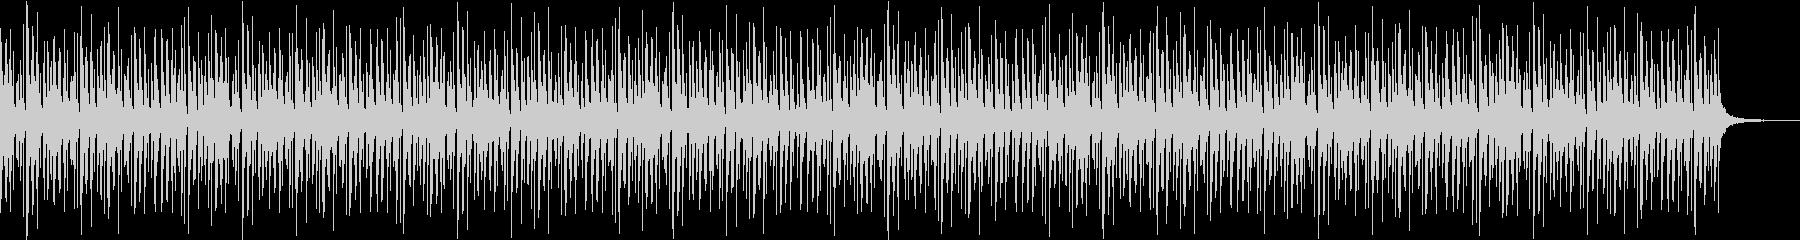 ストリングピッチカートの楽しいループ曲の未再生の波形